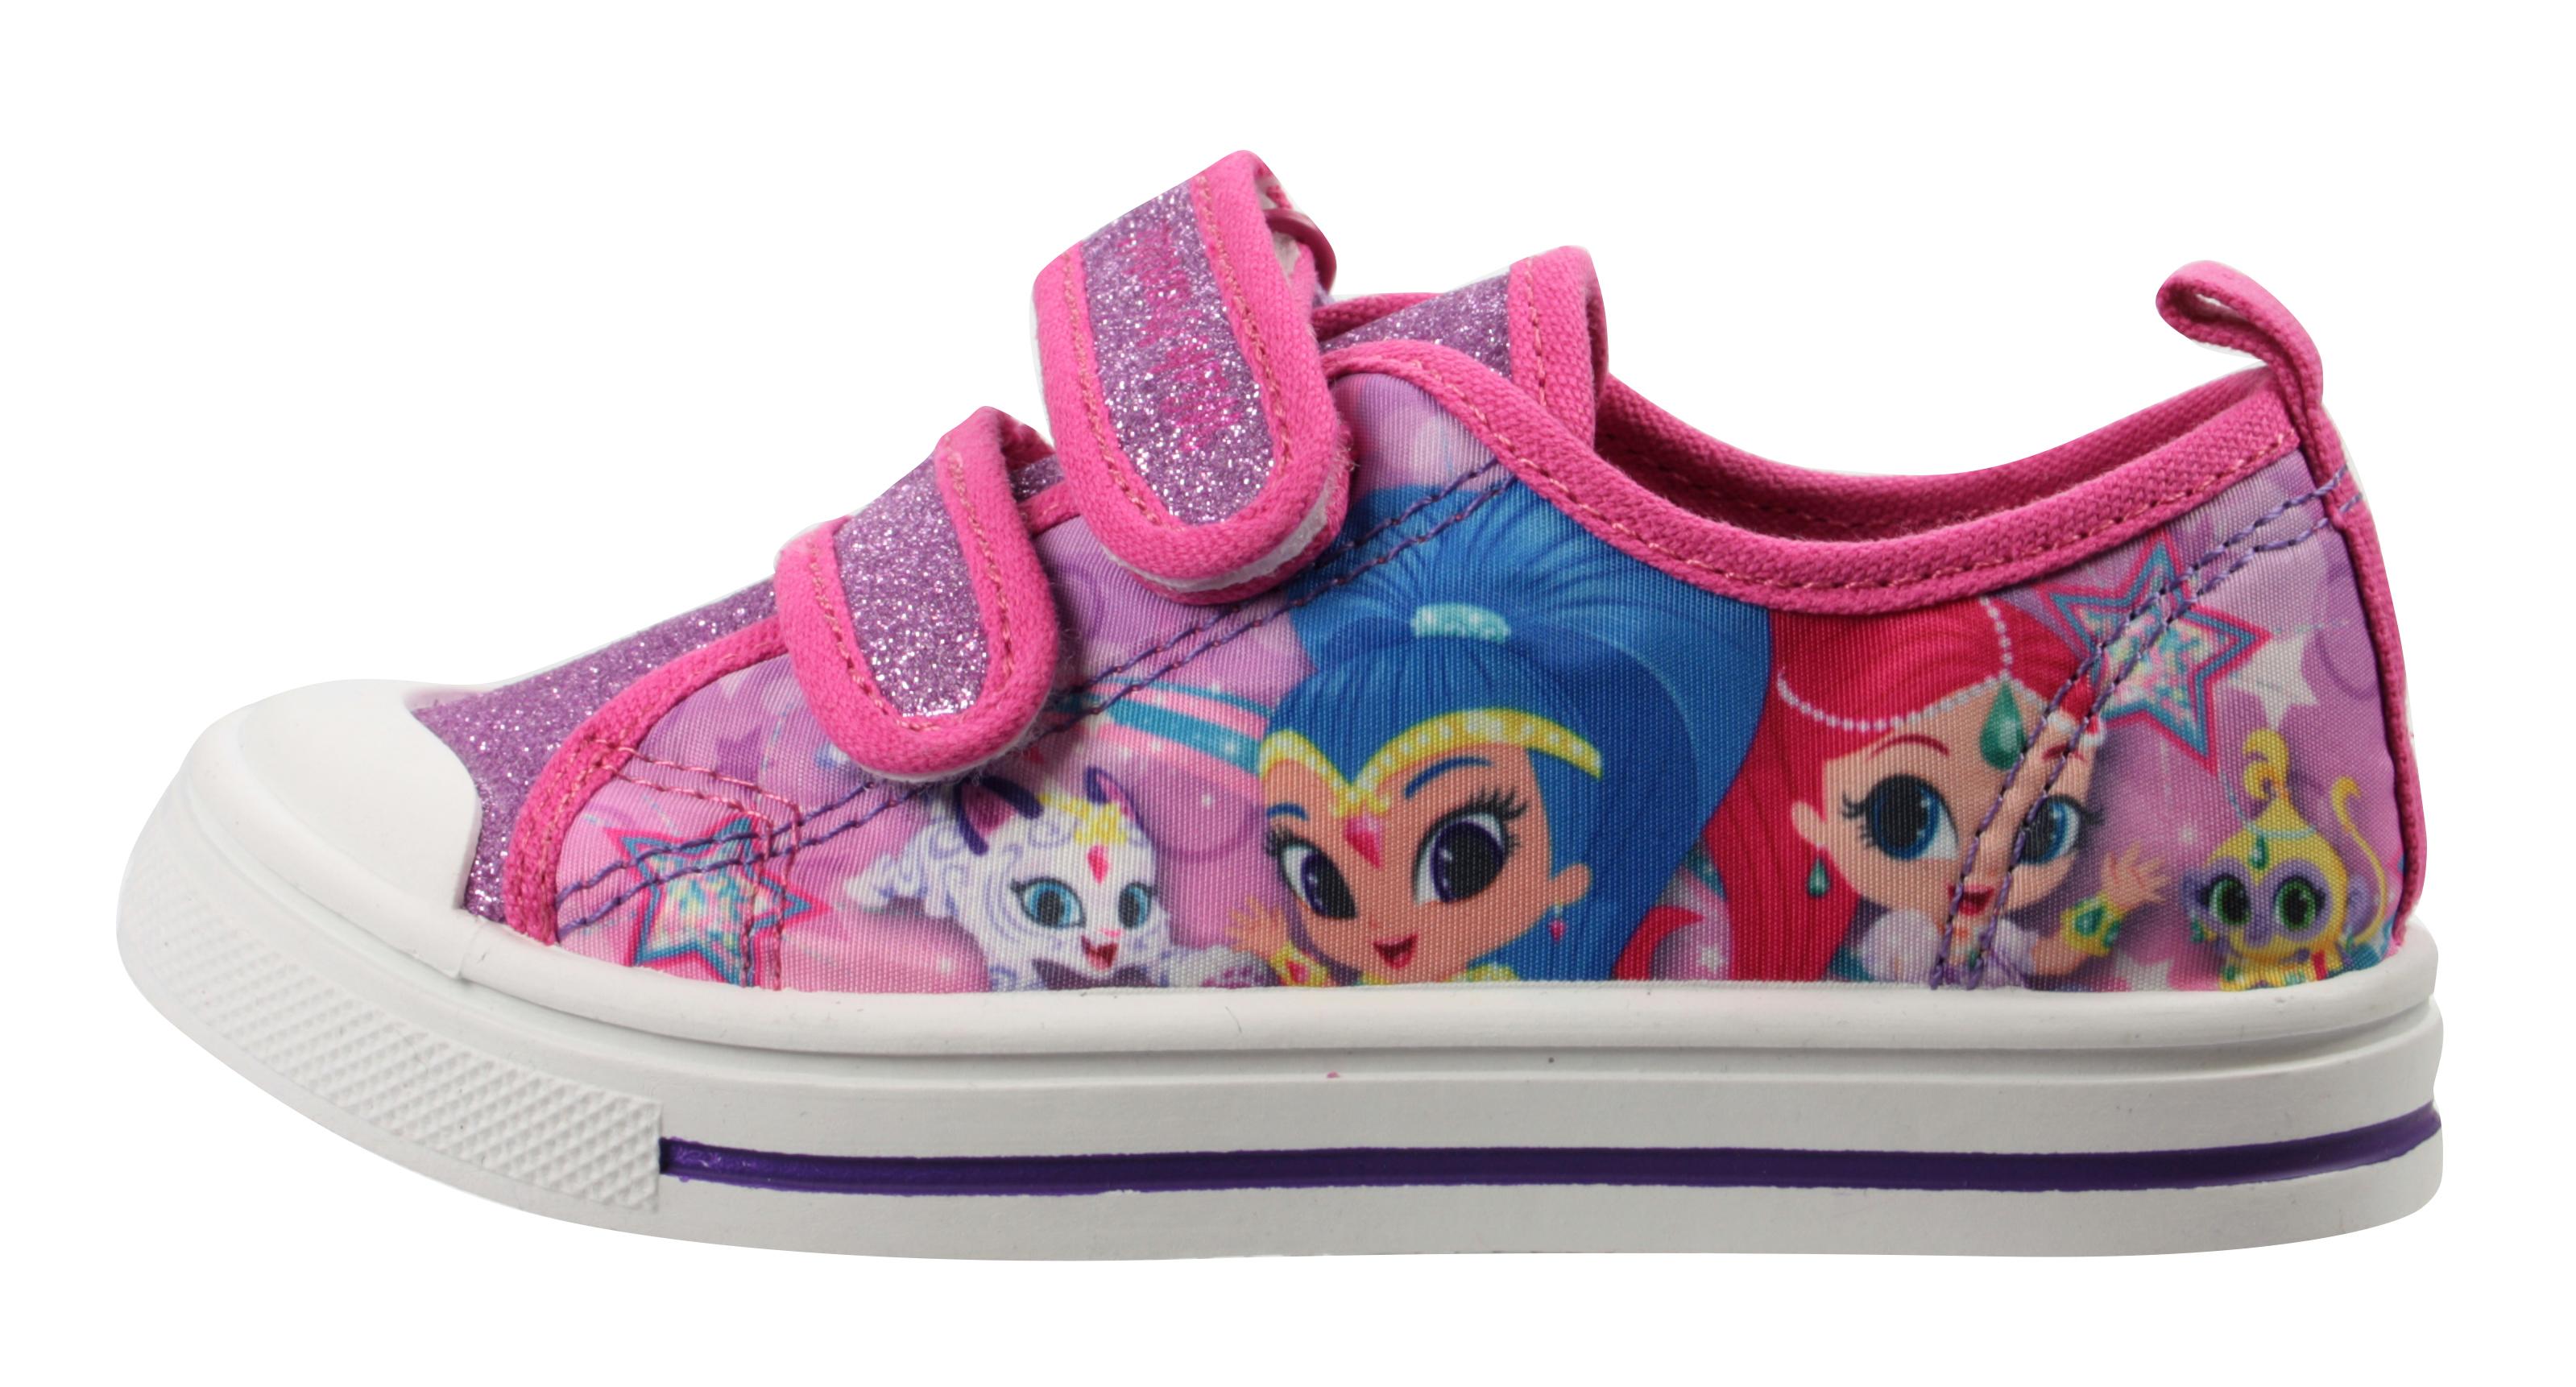 Peppa Pig Filles Paillettes Rose Low Top Pantoufles UK Tailles enfant 5-10